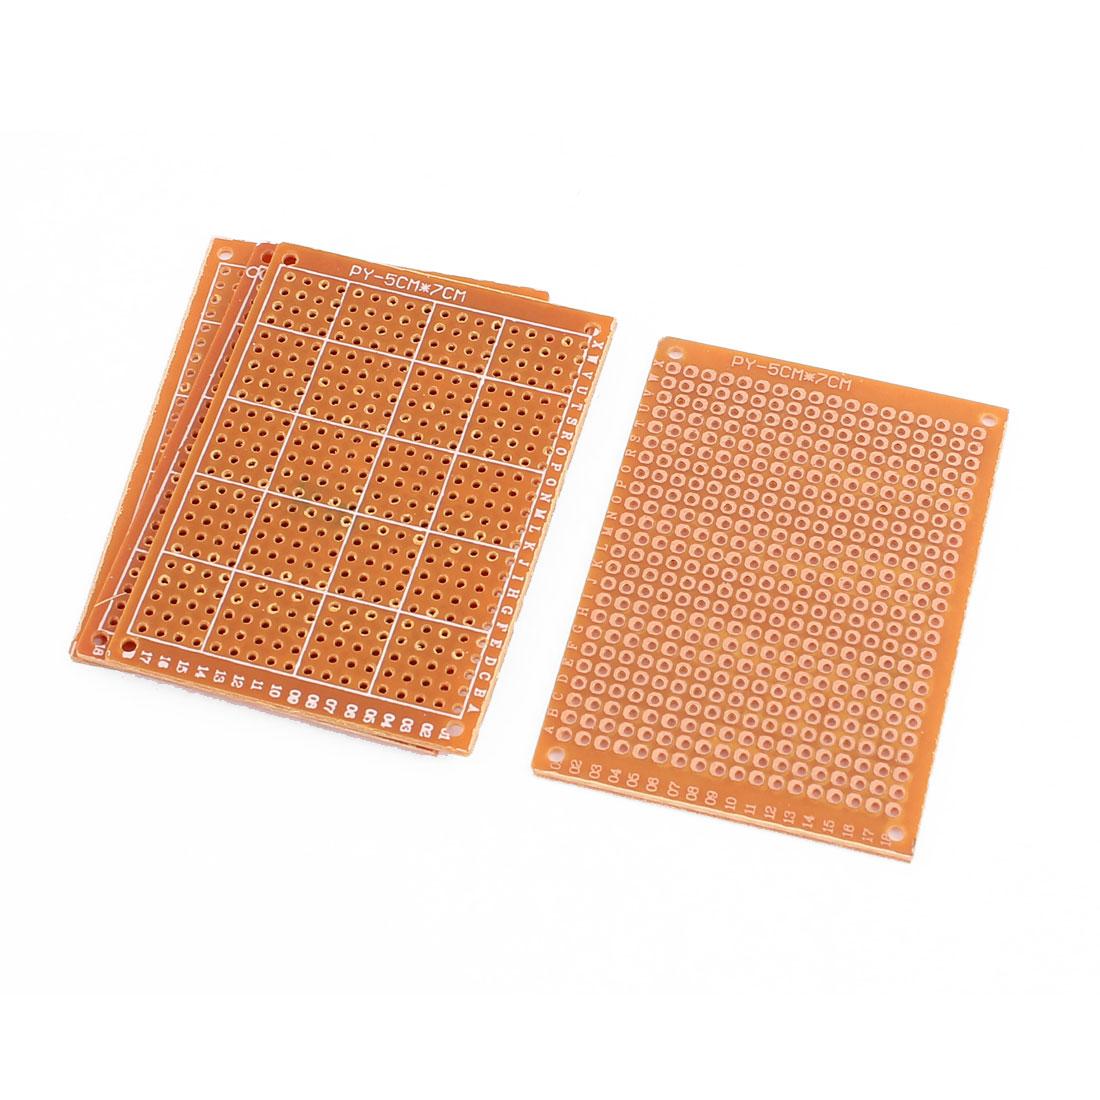 5x7cm Prototype Paper Copper PCB Universal Experiment Matrix Circuit Board 4pcs